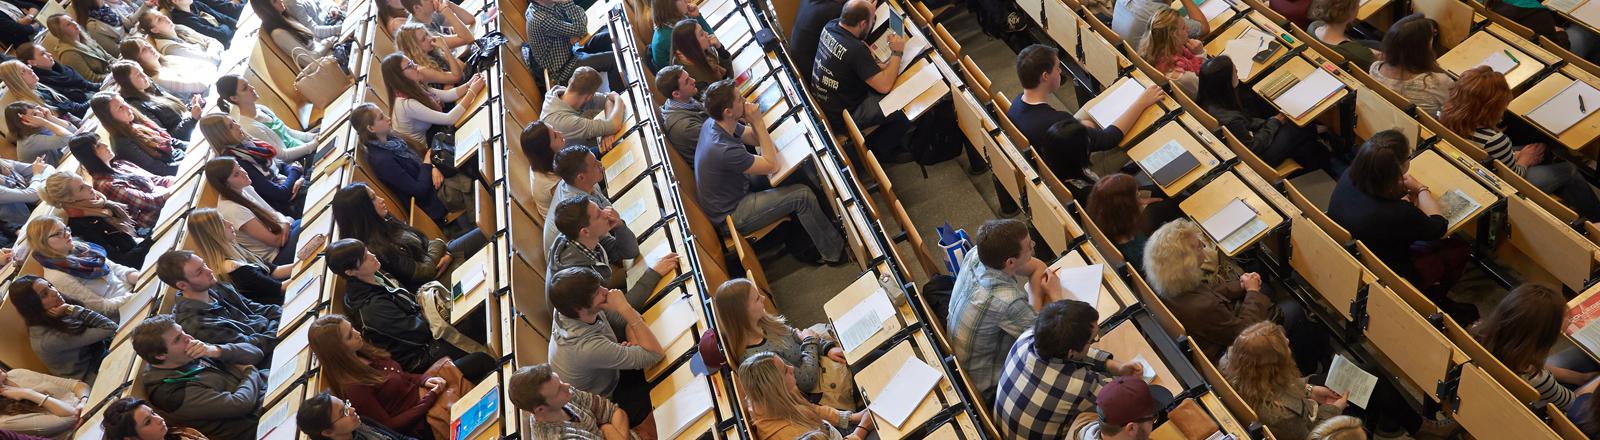 793 Studenten sitzen am 10.04.2014 bei der Erstsemesterbegrüßung am Campus Koblenz der Universität Koblenz-Landau in Koblenz-Rheinland-Pfalz im großen Hörsaal.